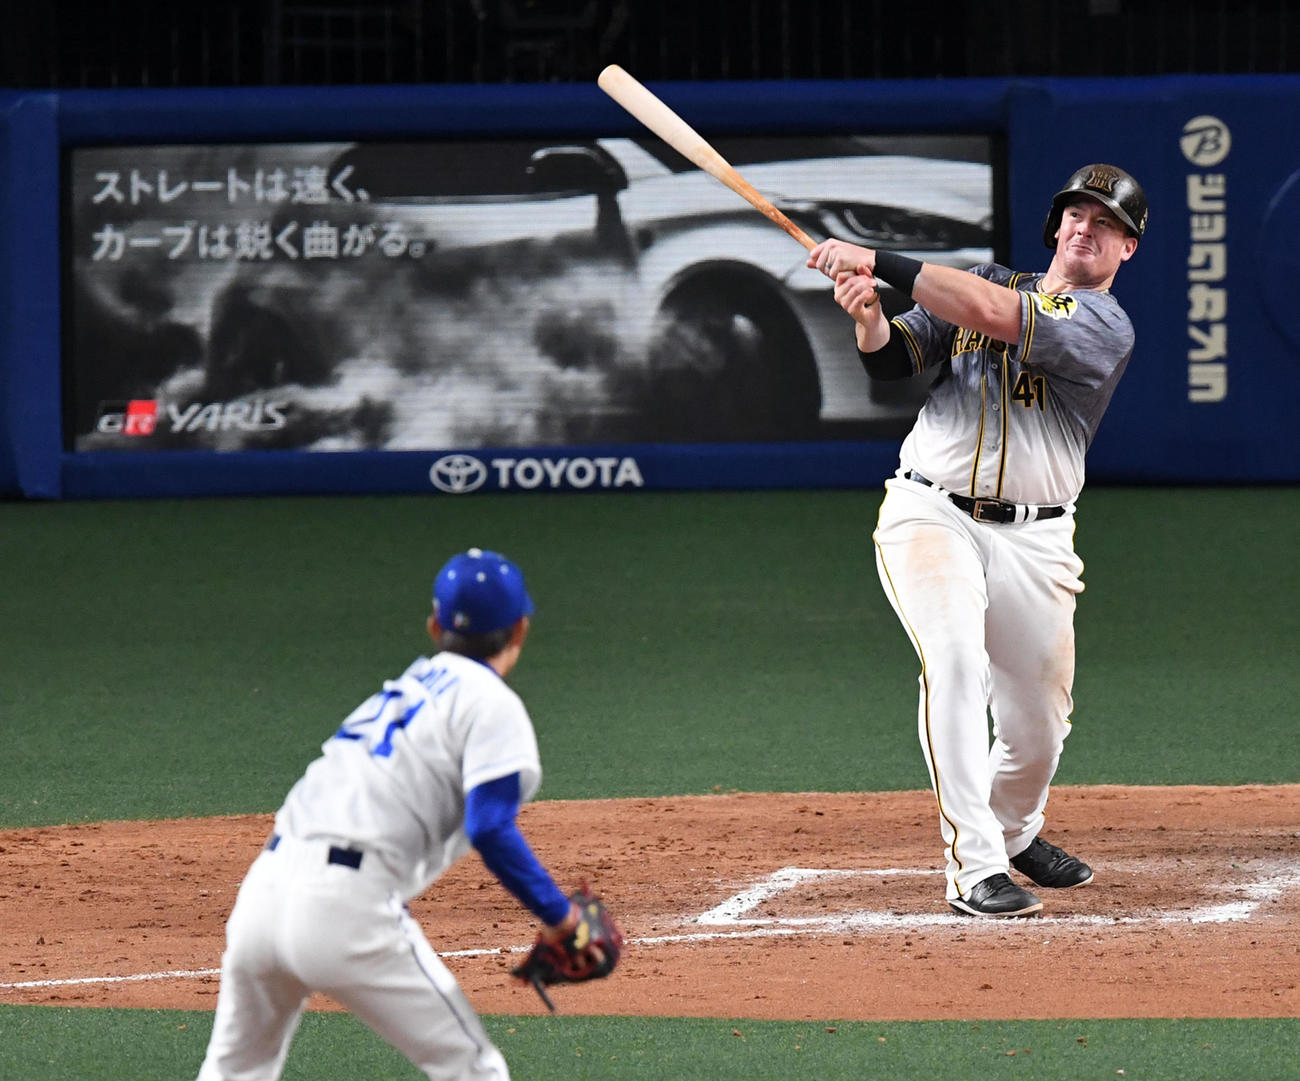 中日対阪神 9回表阪神無死、ボーアは岡田から右越え本塁打を放つ(撮影・前岡正明)